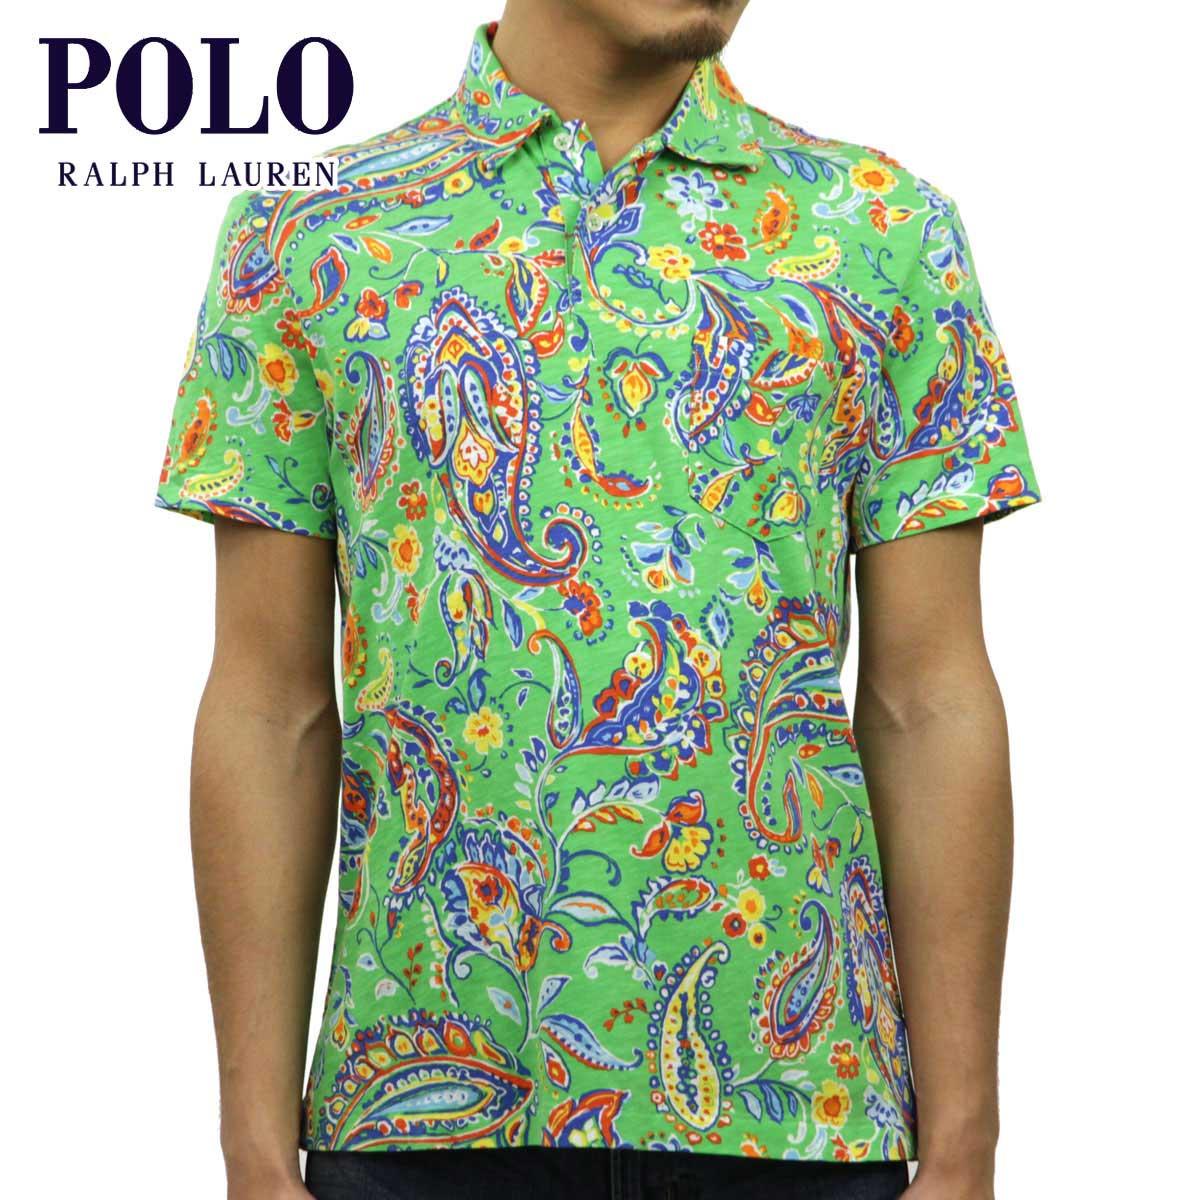 ポロ ラルフローレン ポロシャツ メンズ 正規品 POLO RALPH LAUREN 半袖ポロシャツ Custom-Fit Bright Paisley Po